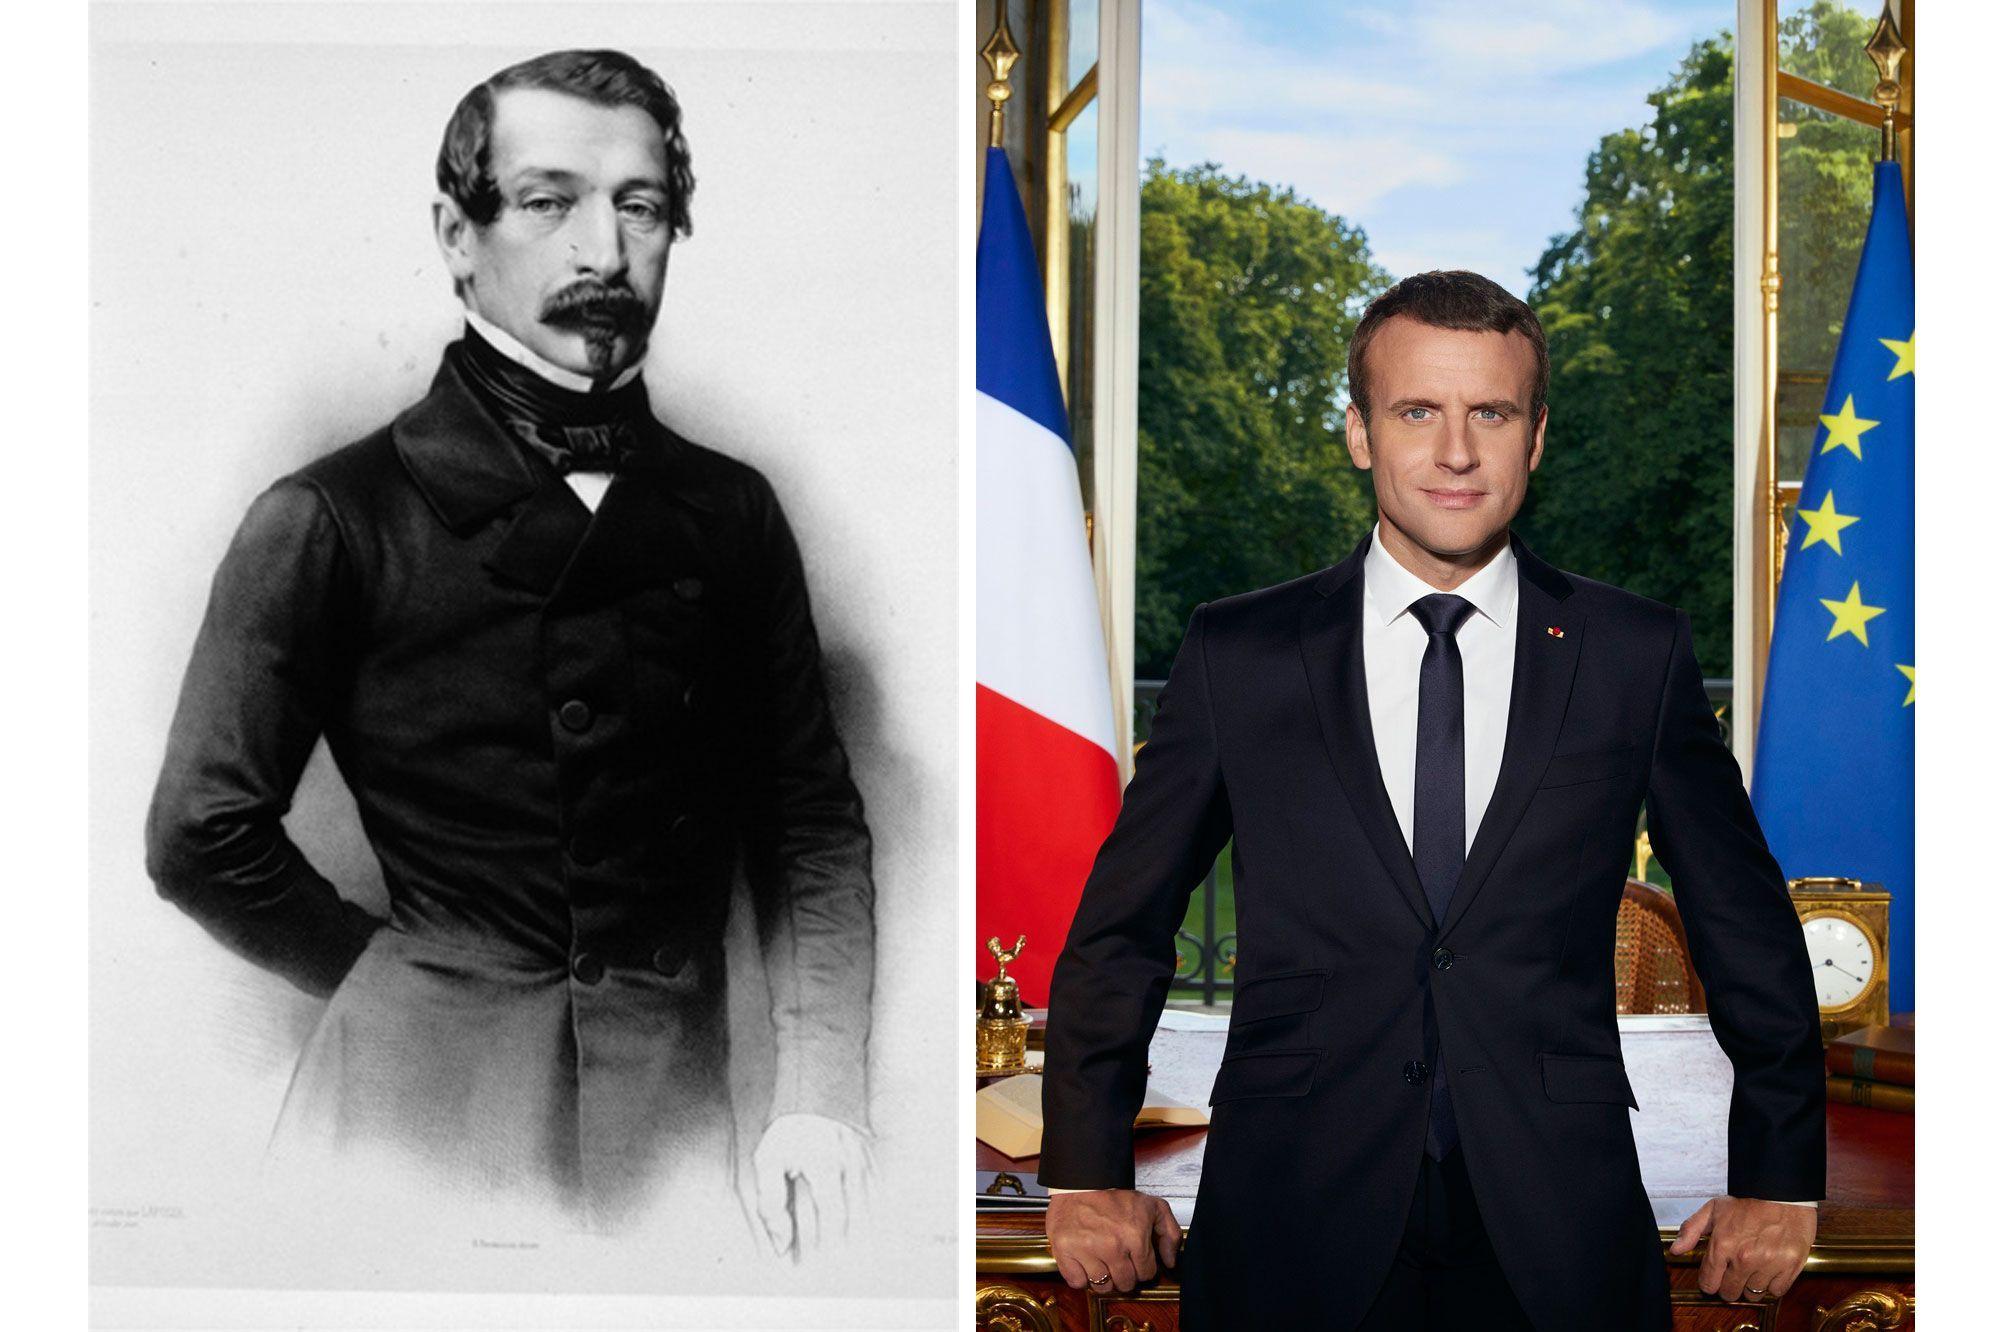 Les Portraits Officiels Des Presidents Francais De Louis Bonaparte A Emmanuel Macron